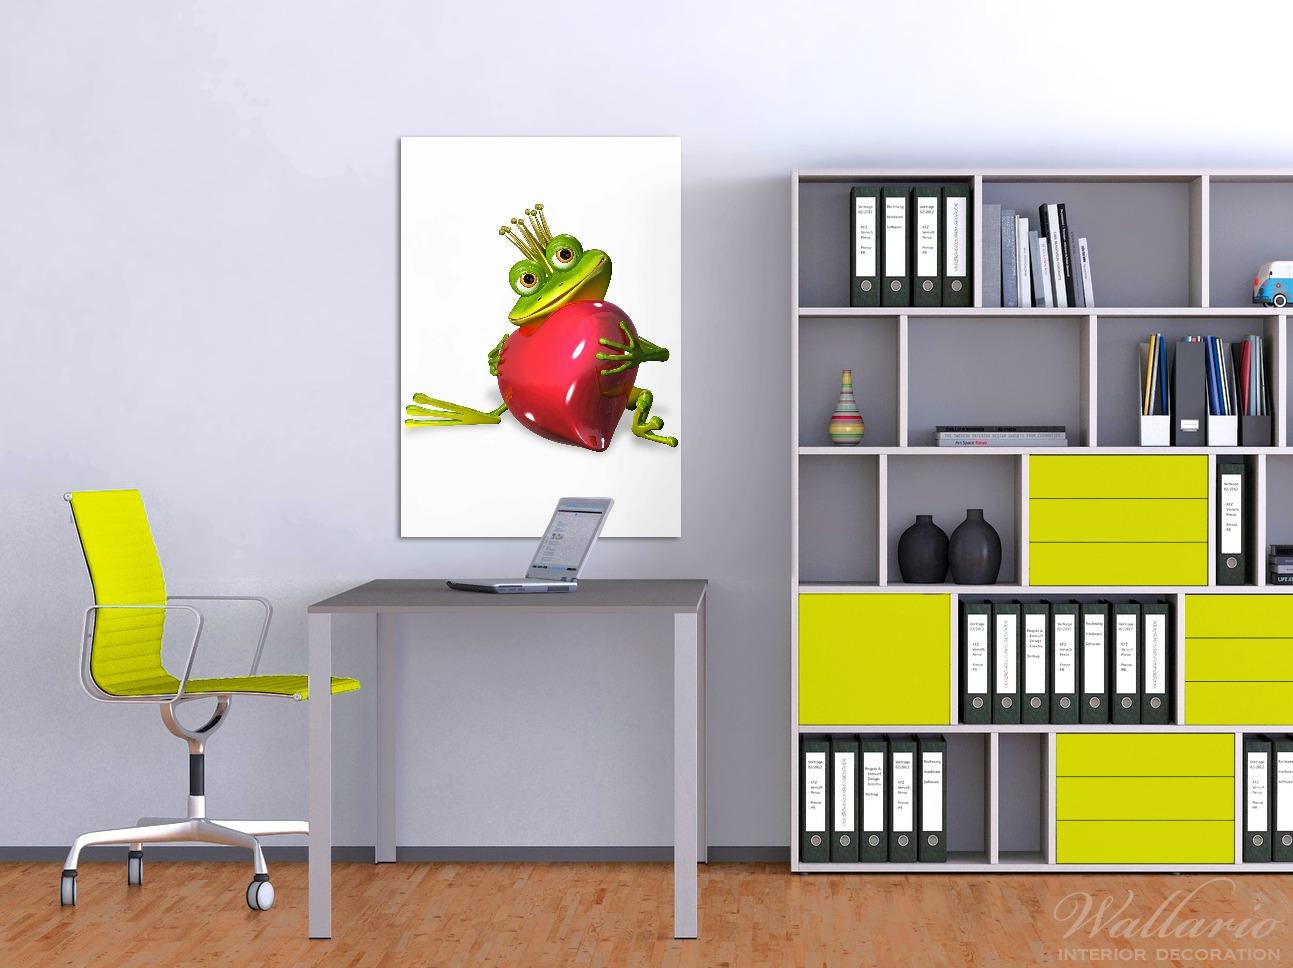 Wandbild Verliebter Froschkönig mit großem Herz – Bild 2